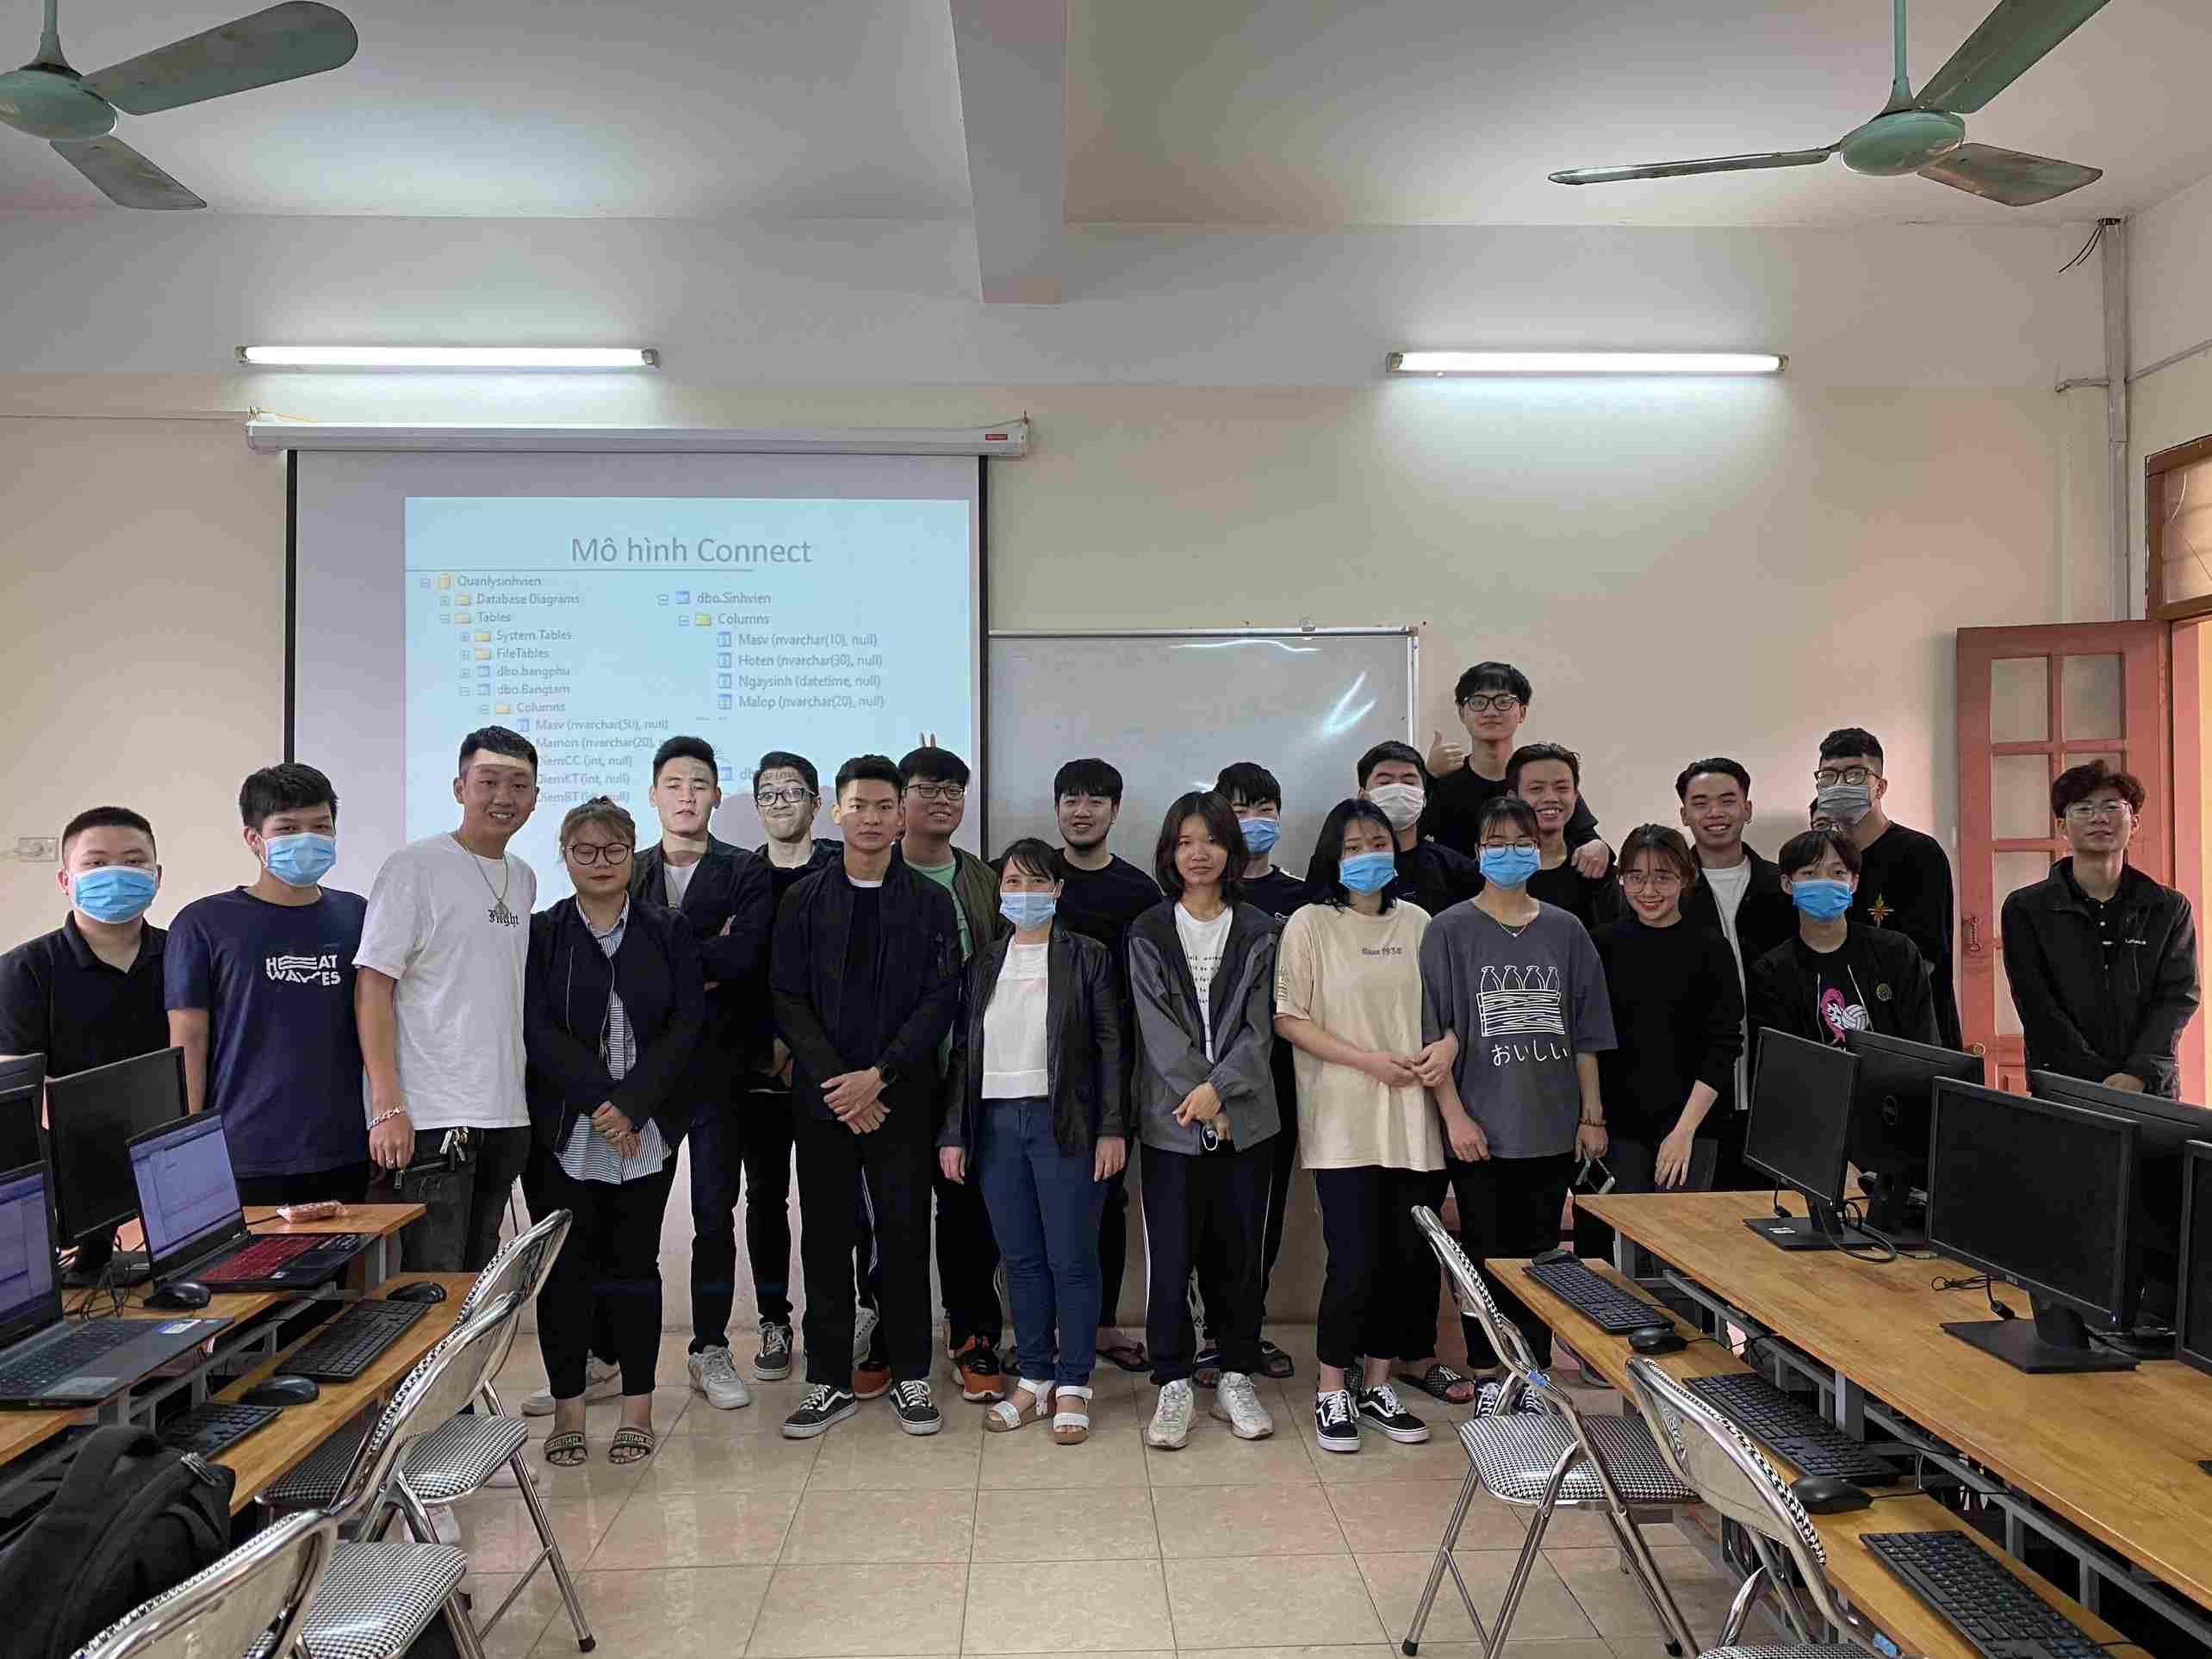 Sinh viên Khoa CNTT&TT – Đại học Phương Đông trở lại học tập sau thời gian vừa nghỉ Tết, vừa nghỉ phòng chống Covid.